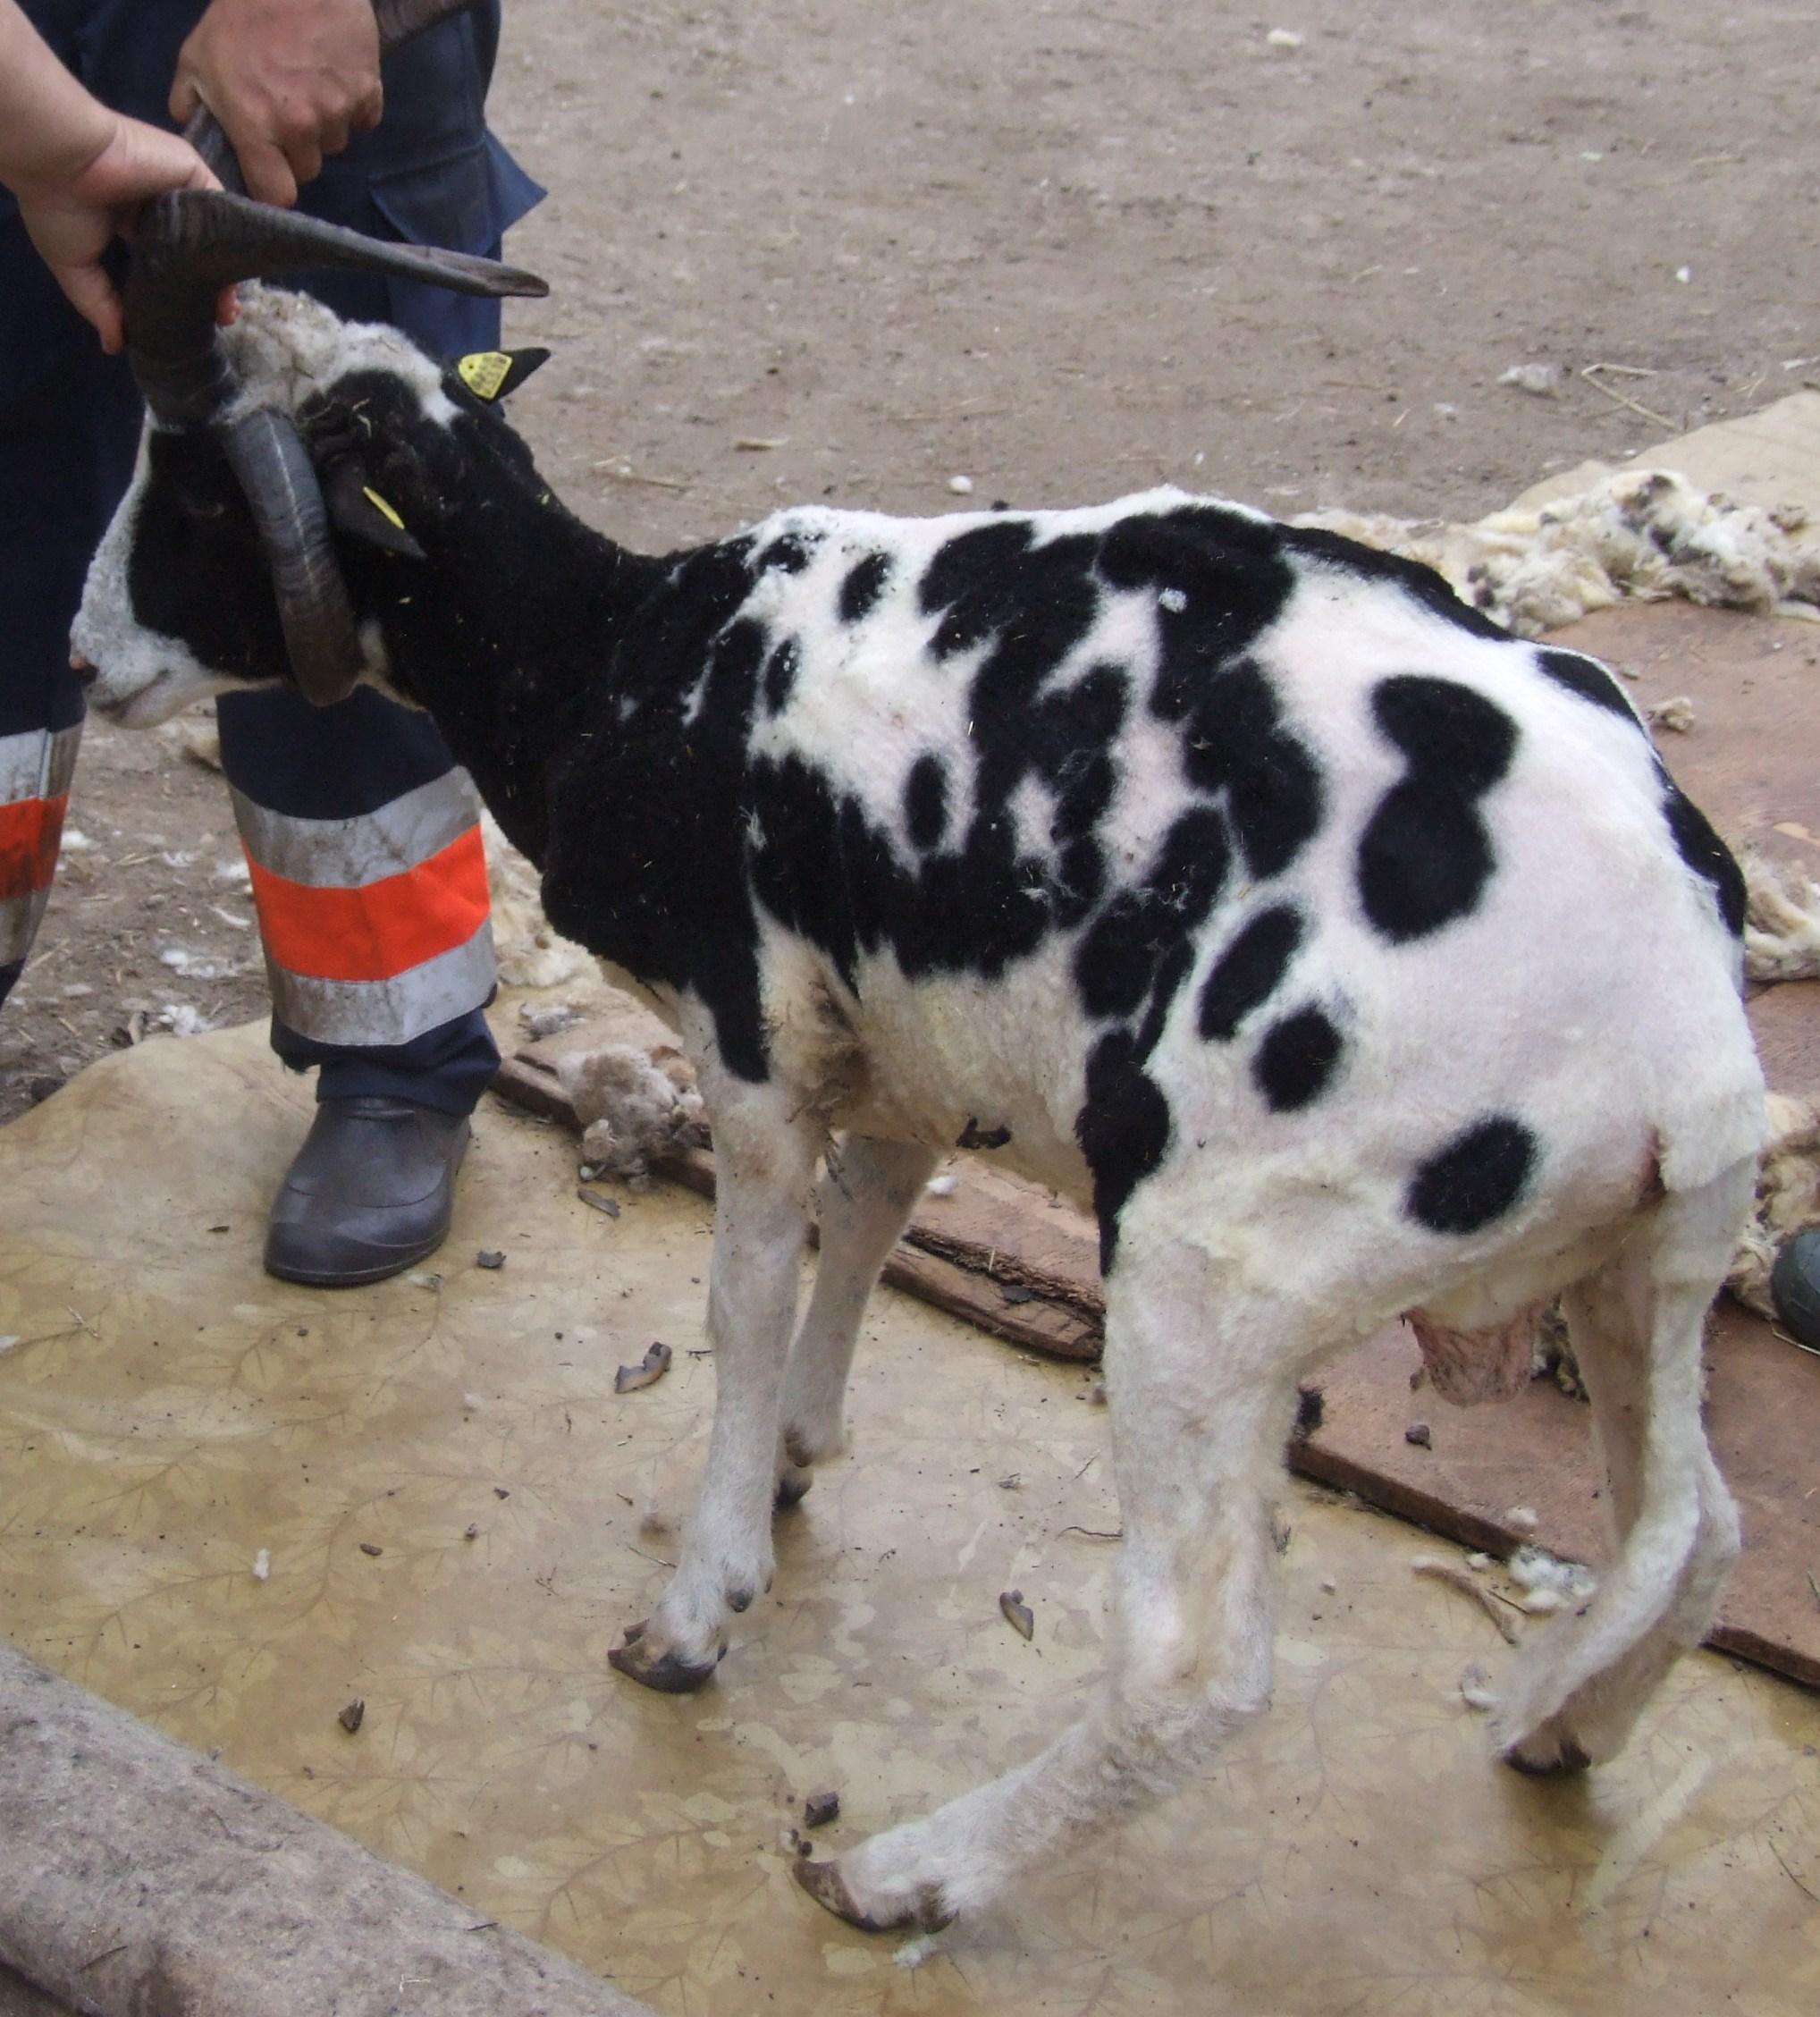 Pēc cirpšanas pavisam sakautrējies sv. jēkaba aitu puisis.